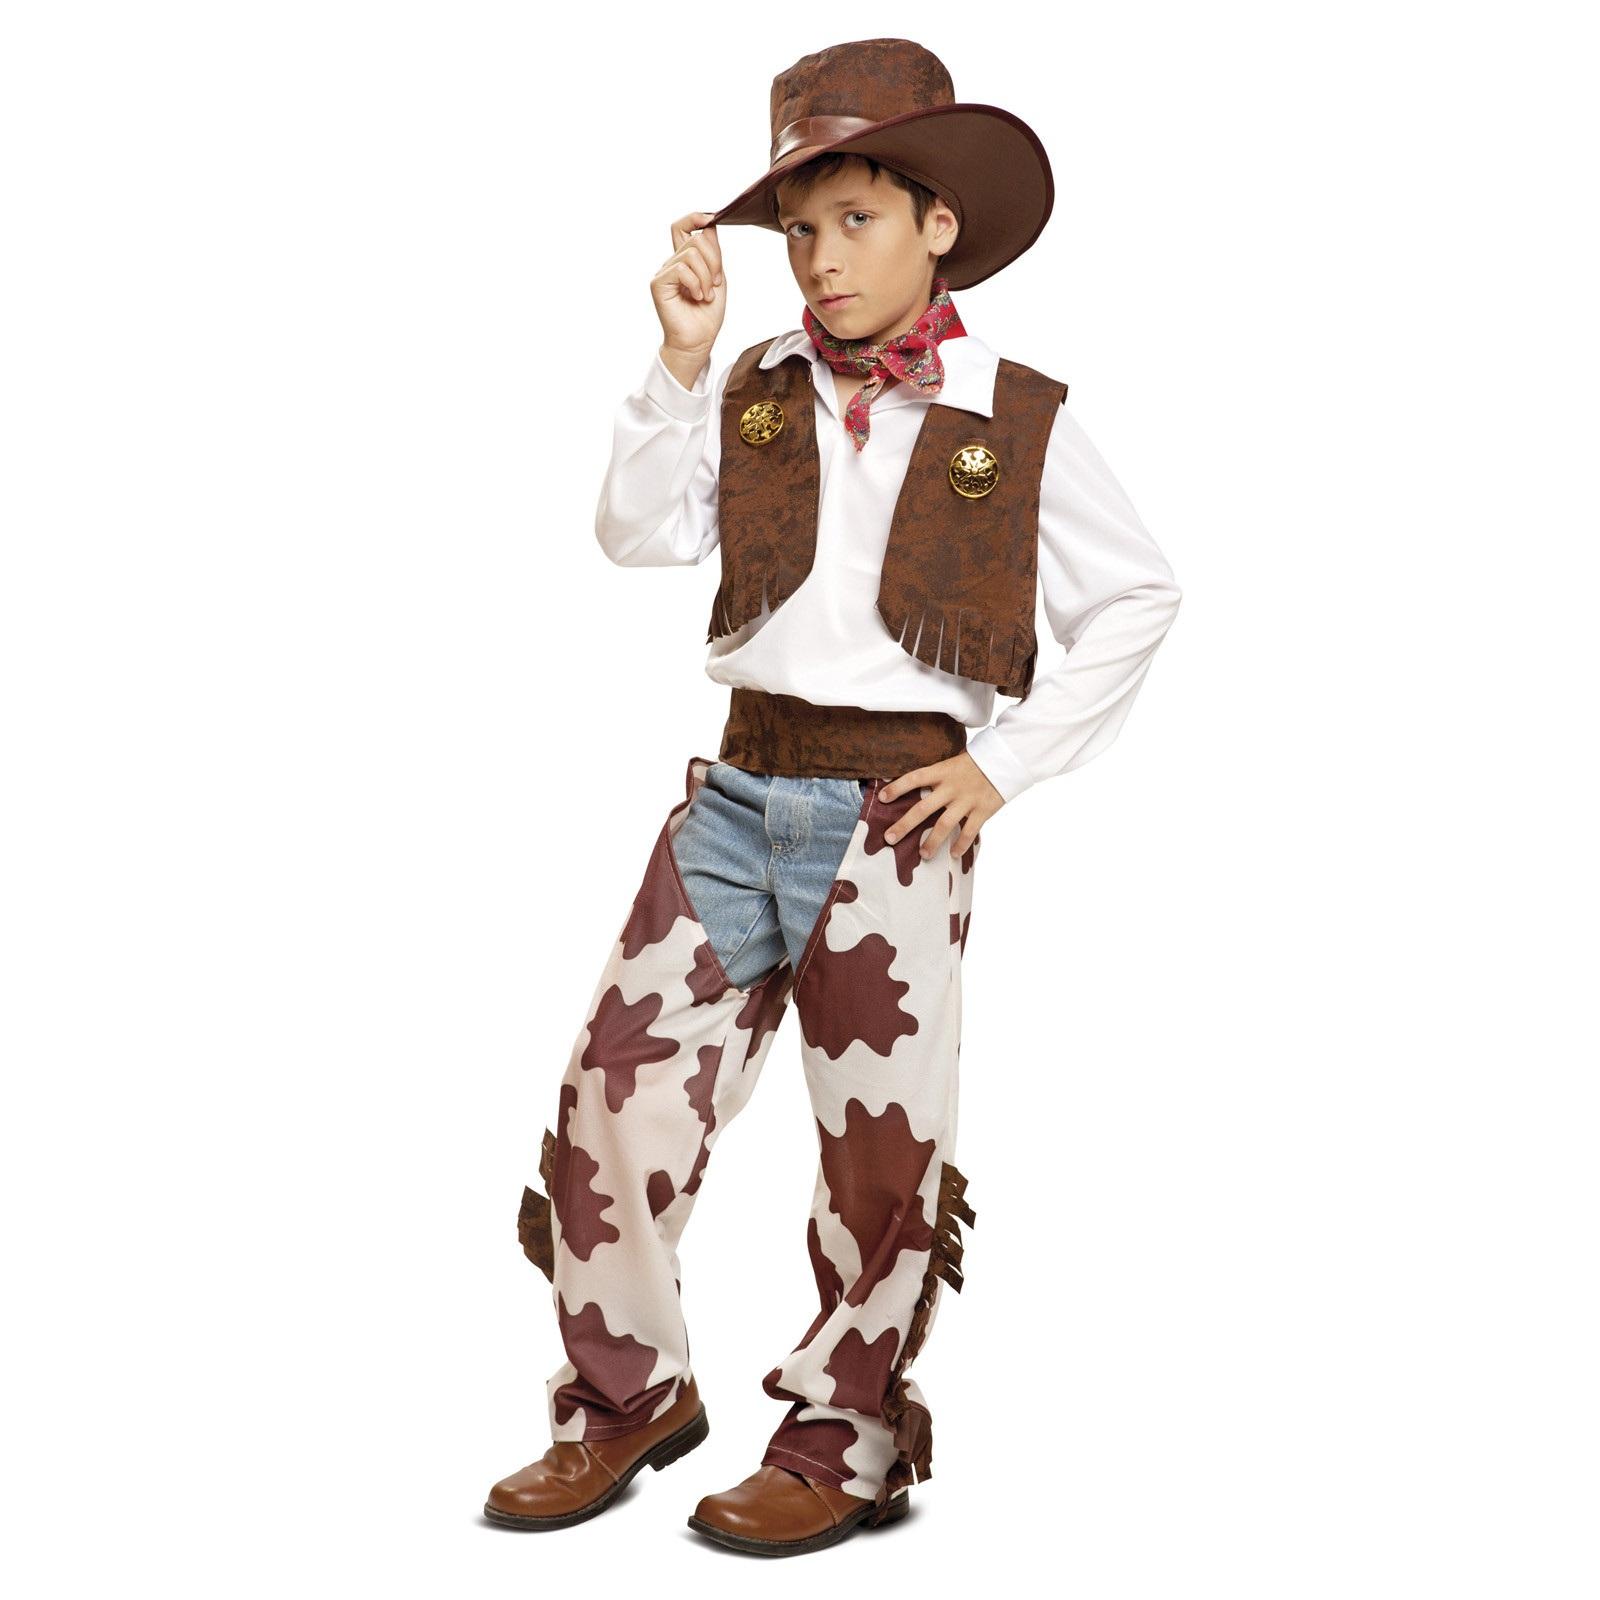 disfraz vaquero blanco y marrón niño 200834mom - DISFRAZ DE VAQUERO BLANCO Y MARRON NIÑO